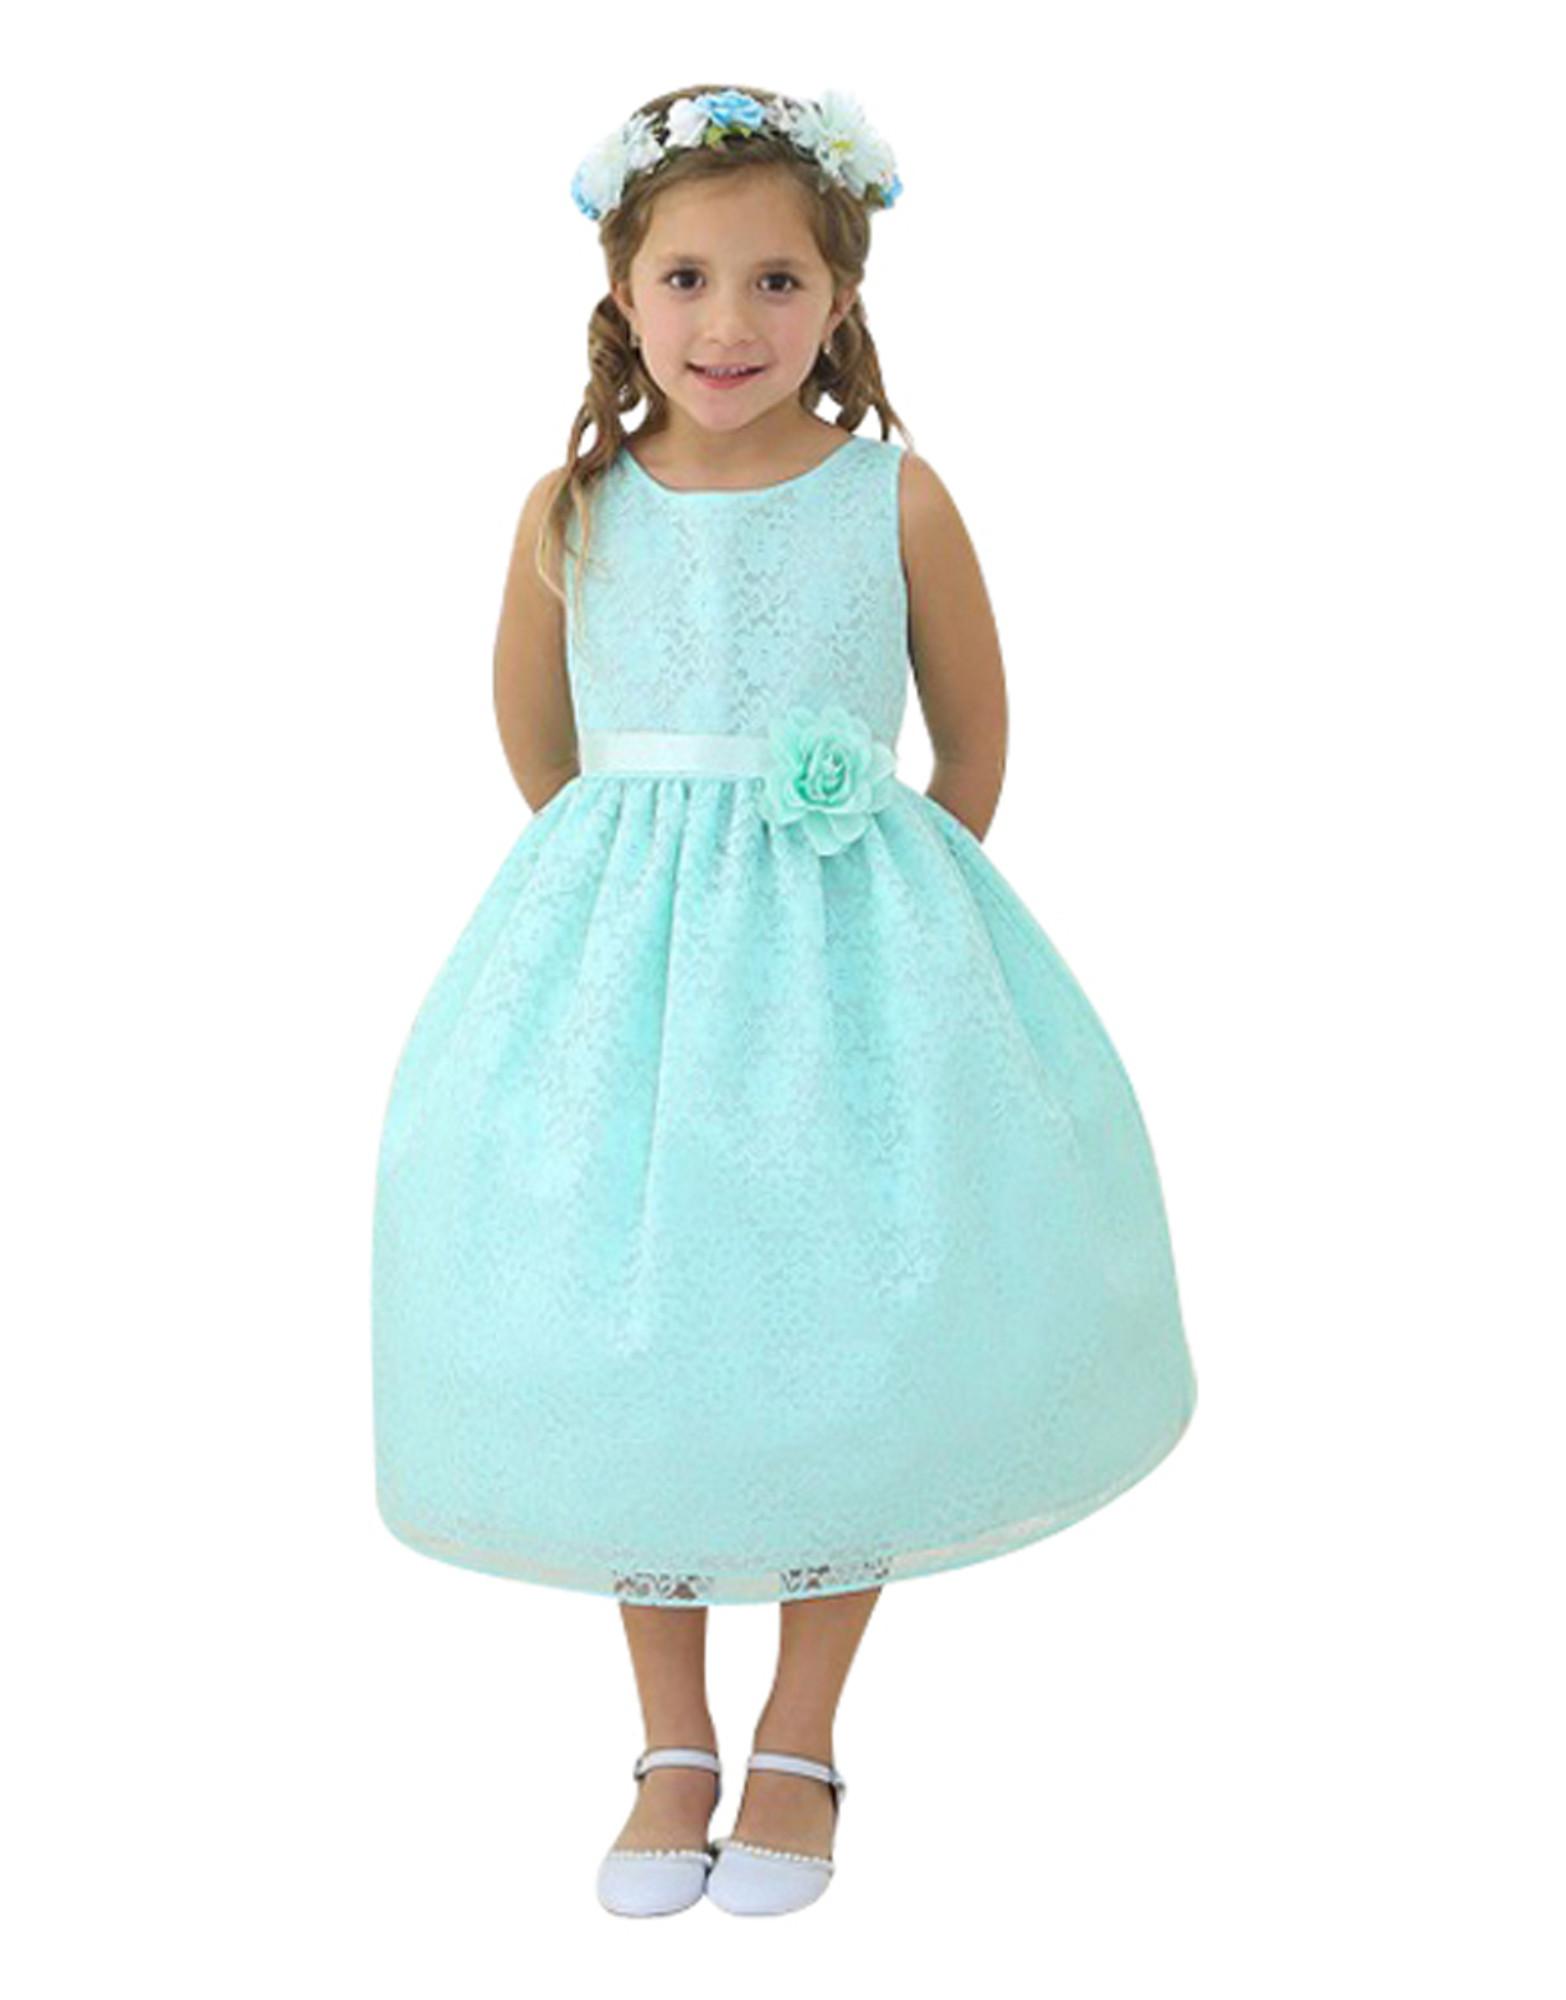 BIMARO Mädchen Kleid Spitzenkleid Nelly mint grün Festkleid Spitze Blumen Hochzeit Taufe festlich Blumenmädchen pastell 001